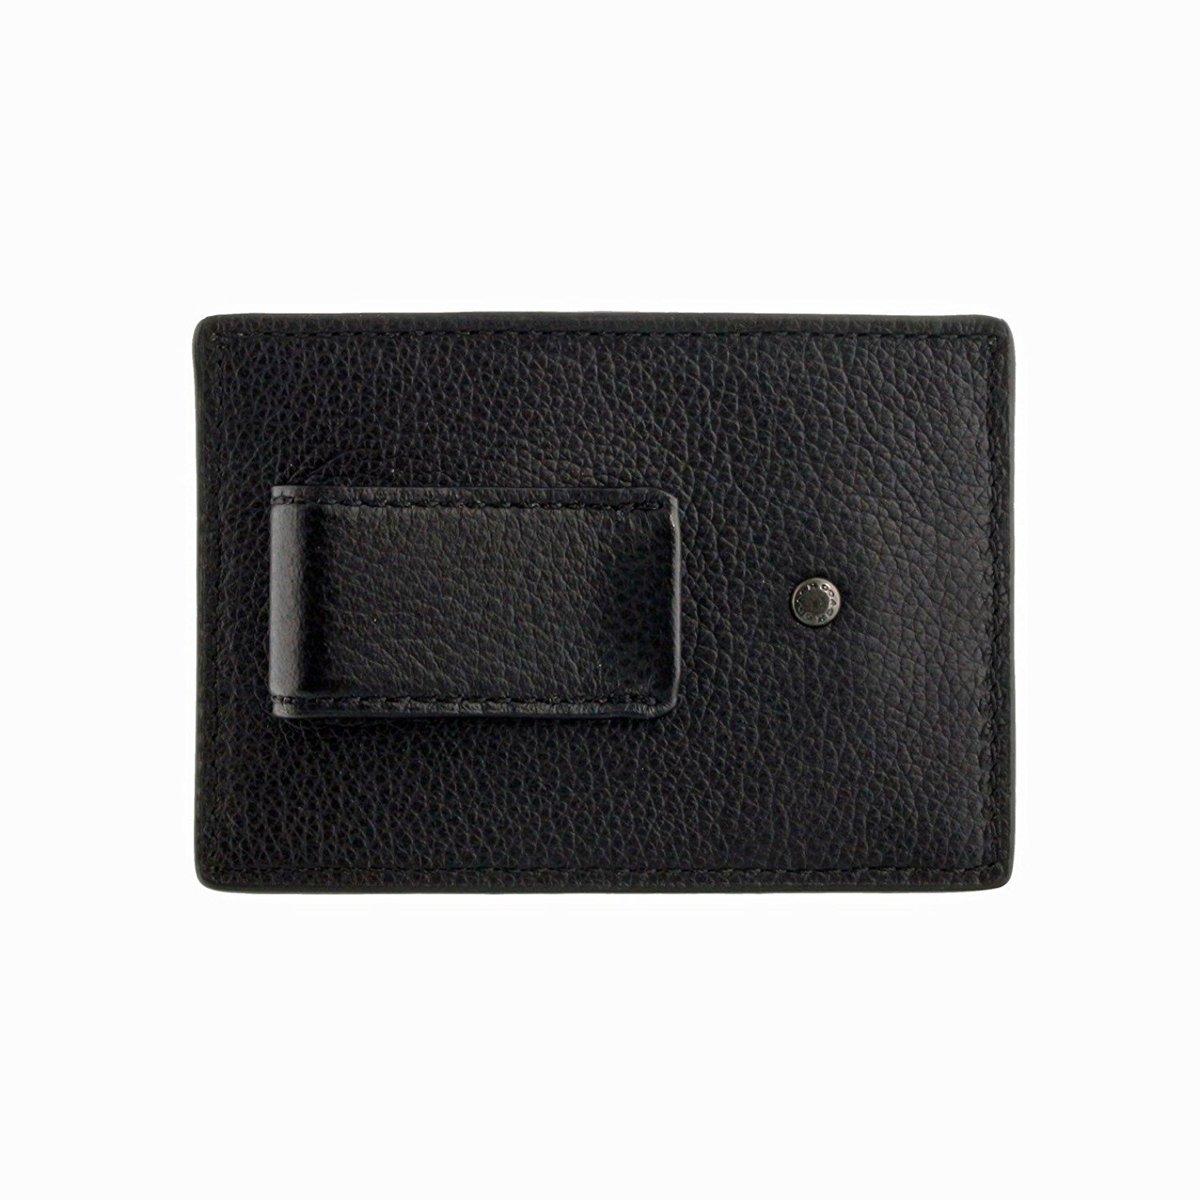 2a2a7a00 COACH men card case money clip F75459 black [parallel import goods]